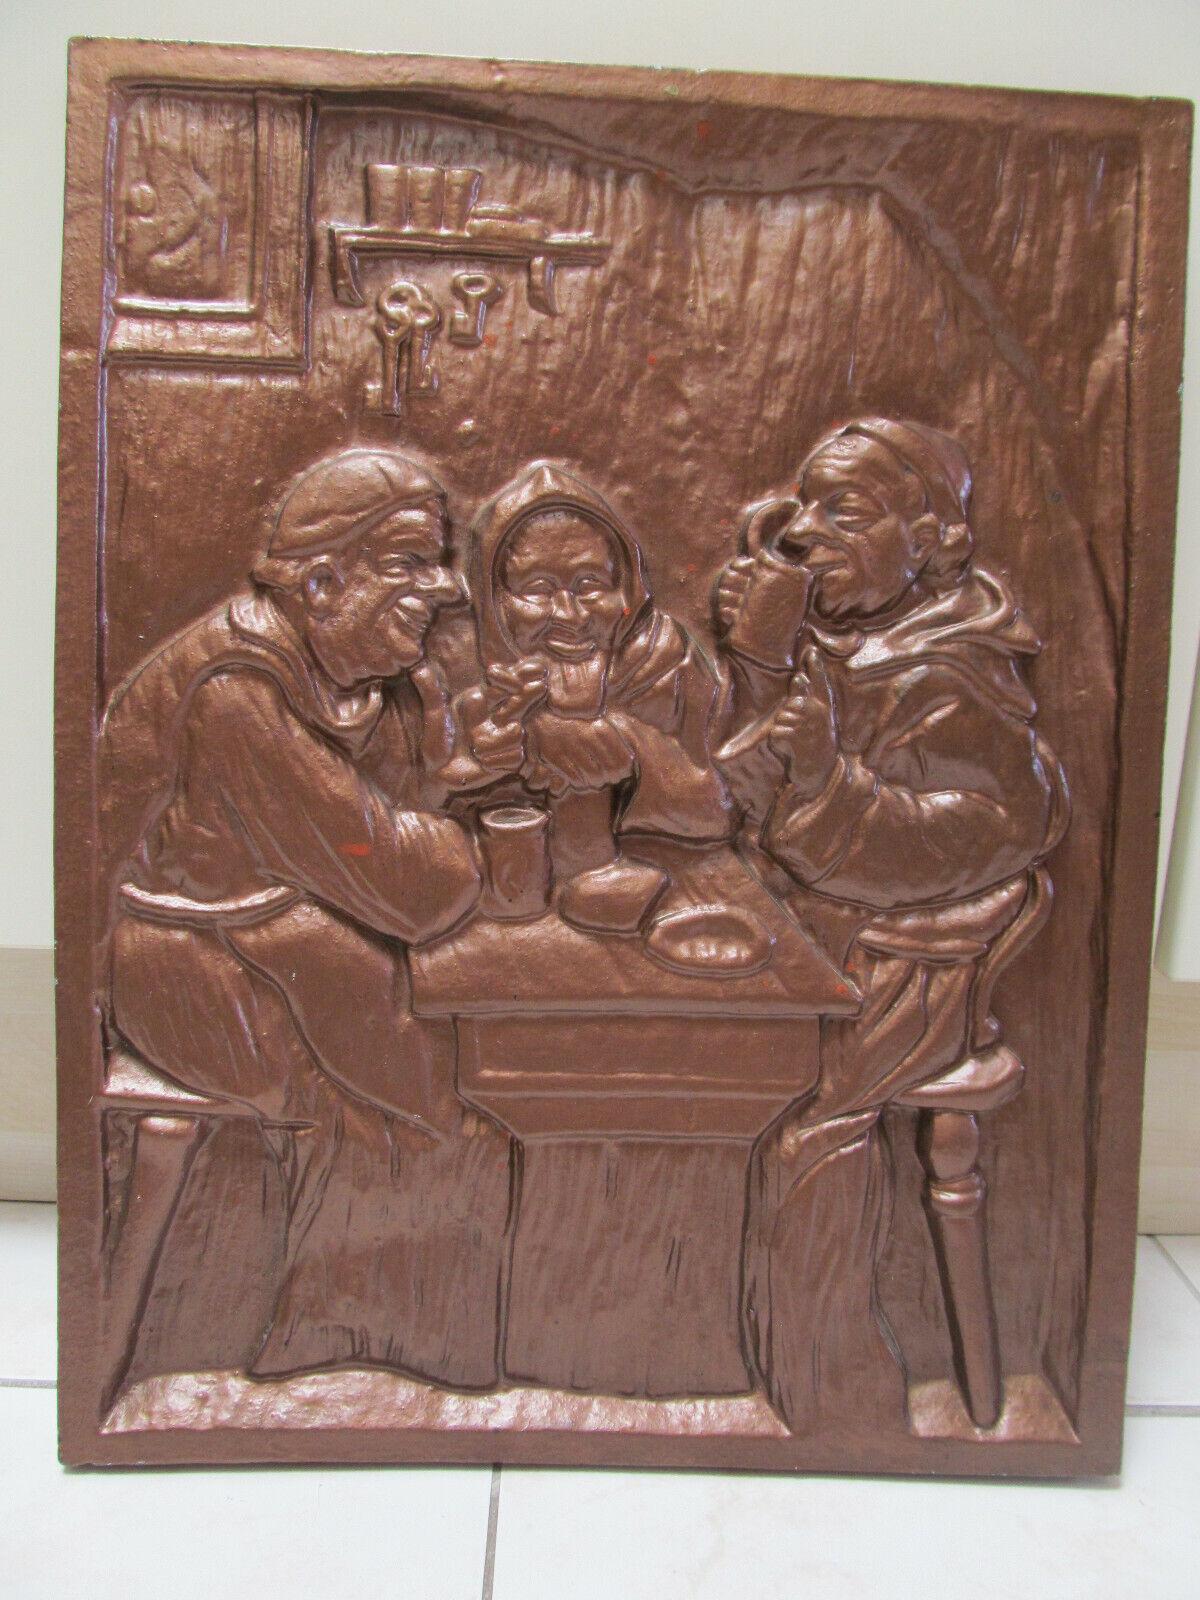 8 kg  Kaminbild  52 x 40 x 2,5 cm   Relief  Bild  Aluminium   Kamin  Wein